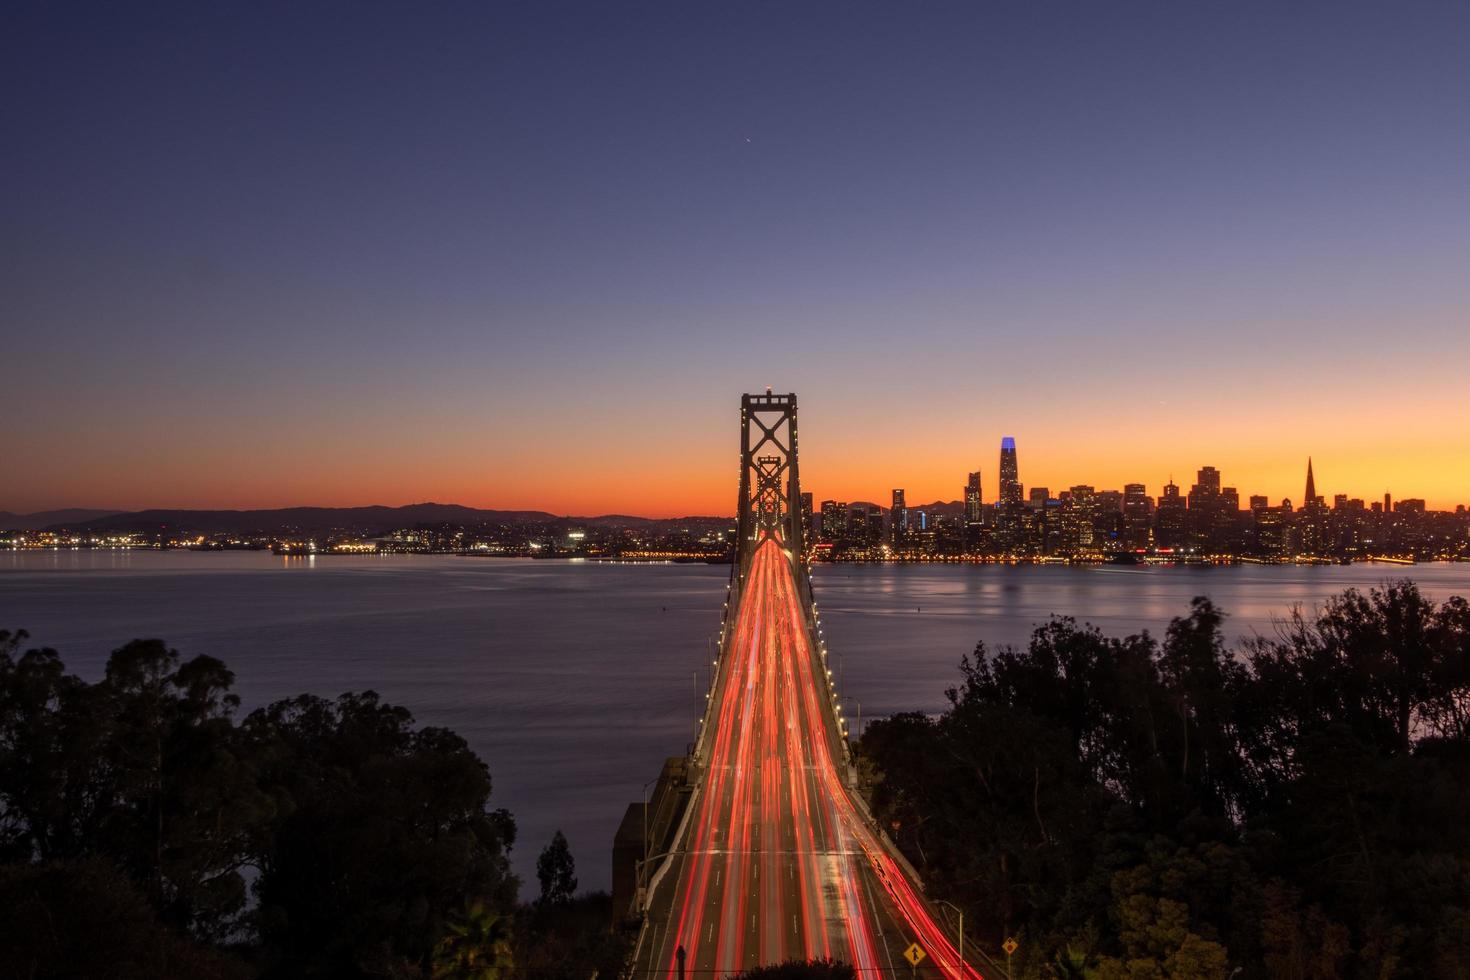 Bridge over water at night photo